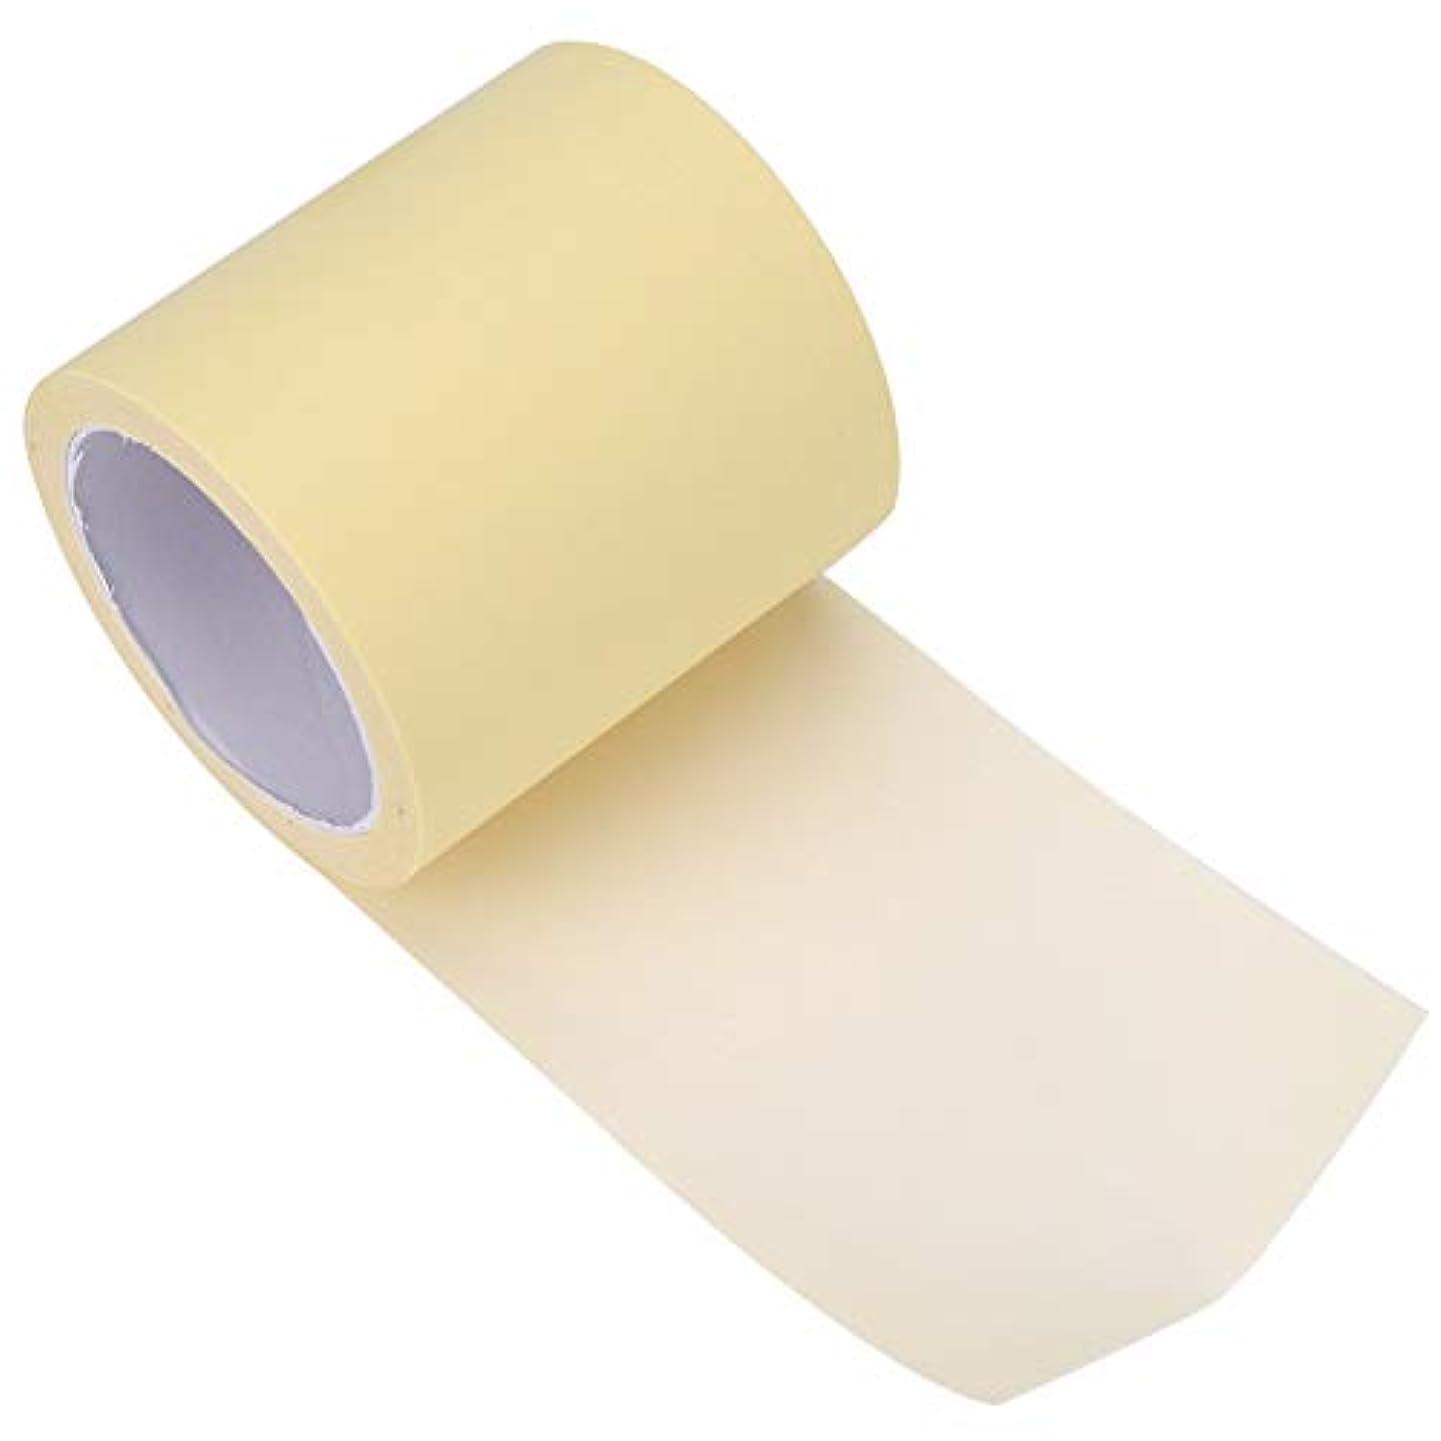 コンテスト湿ったファイル極薄0.012 mm 脇パッド 脇の下 汗止めパッド 肌に優しい 抗菌加工 防水性 男女兼用 透明 長さ600 cm